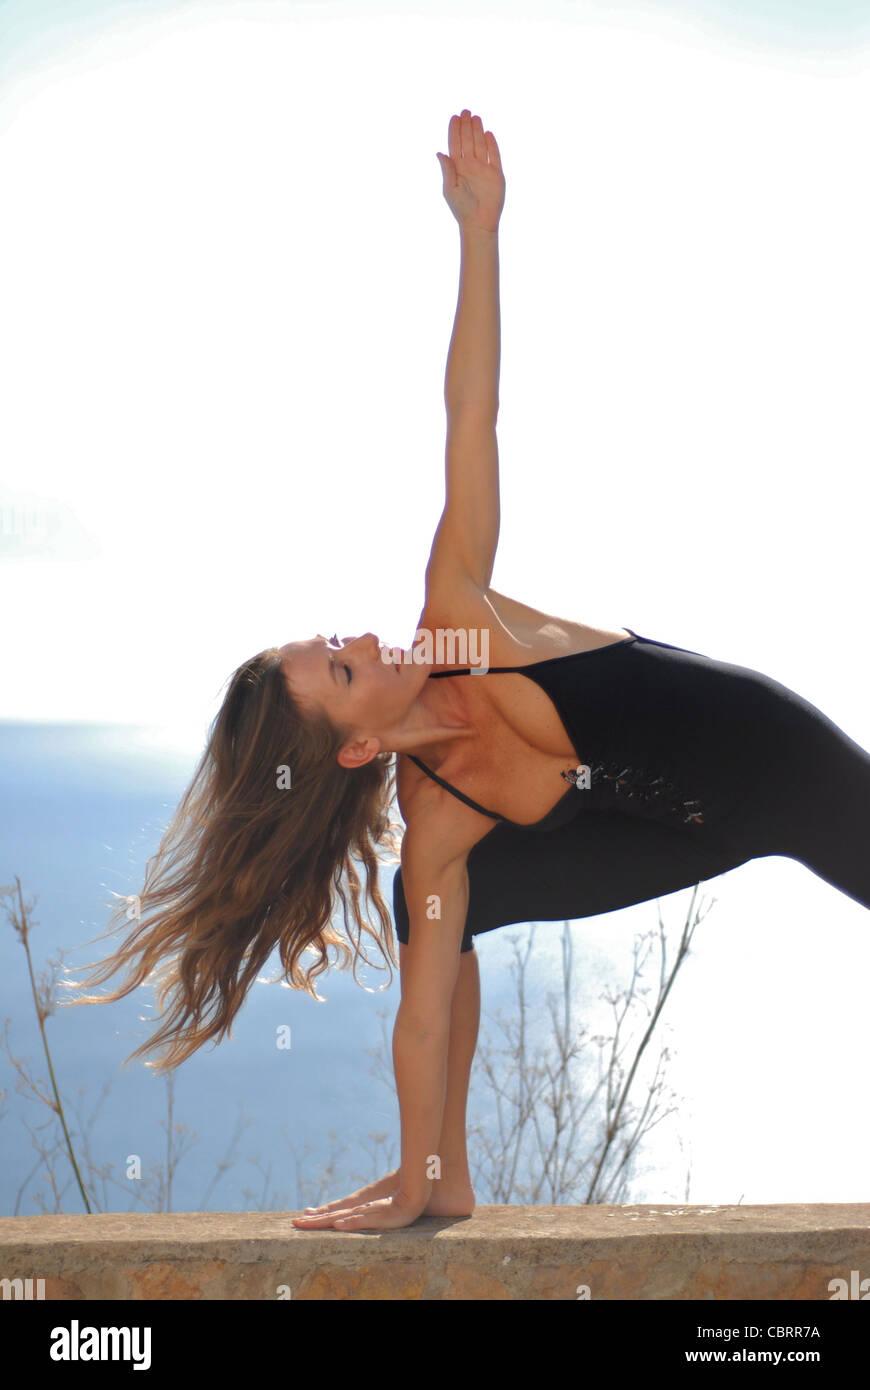 Yoga Shiromani Lena Tancredi, hacer yoga en la naturaleza, en Ibiza, España - Photo by Nano Calvo Imagen De Stock